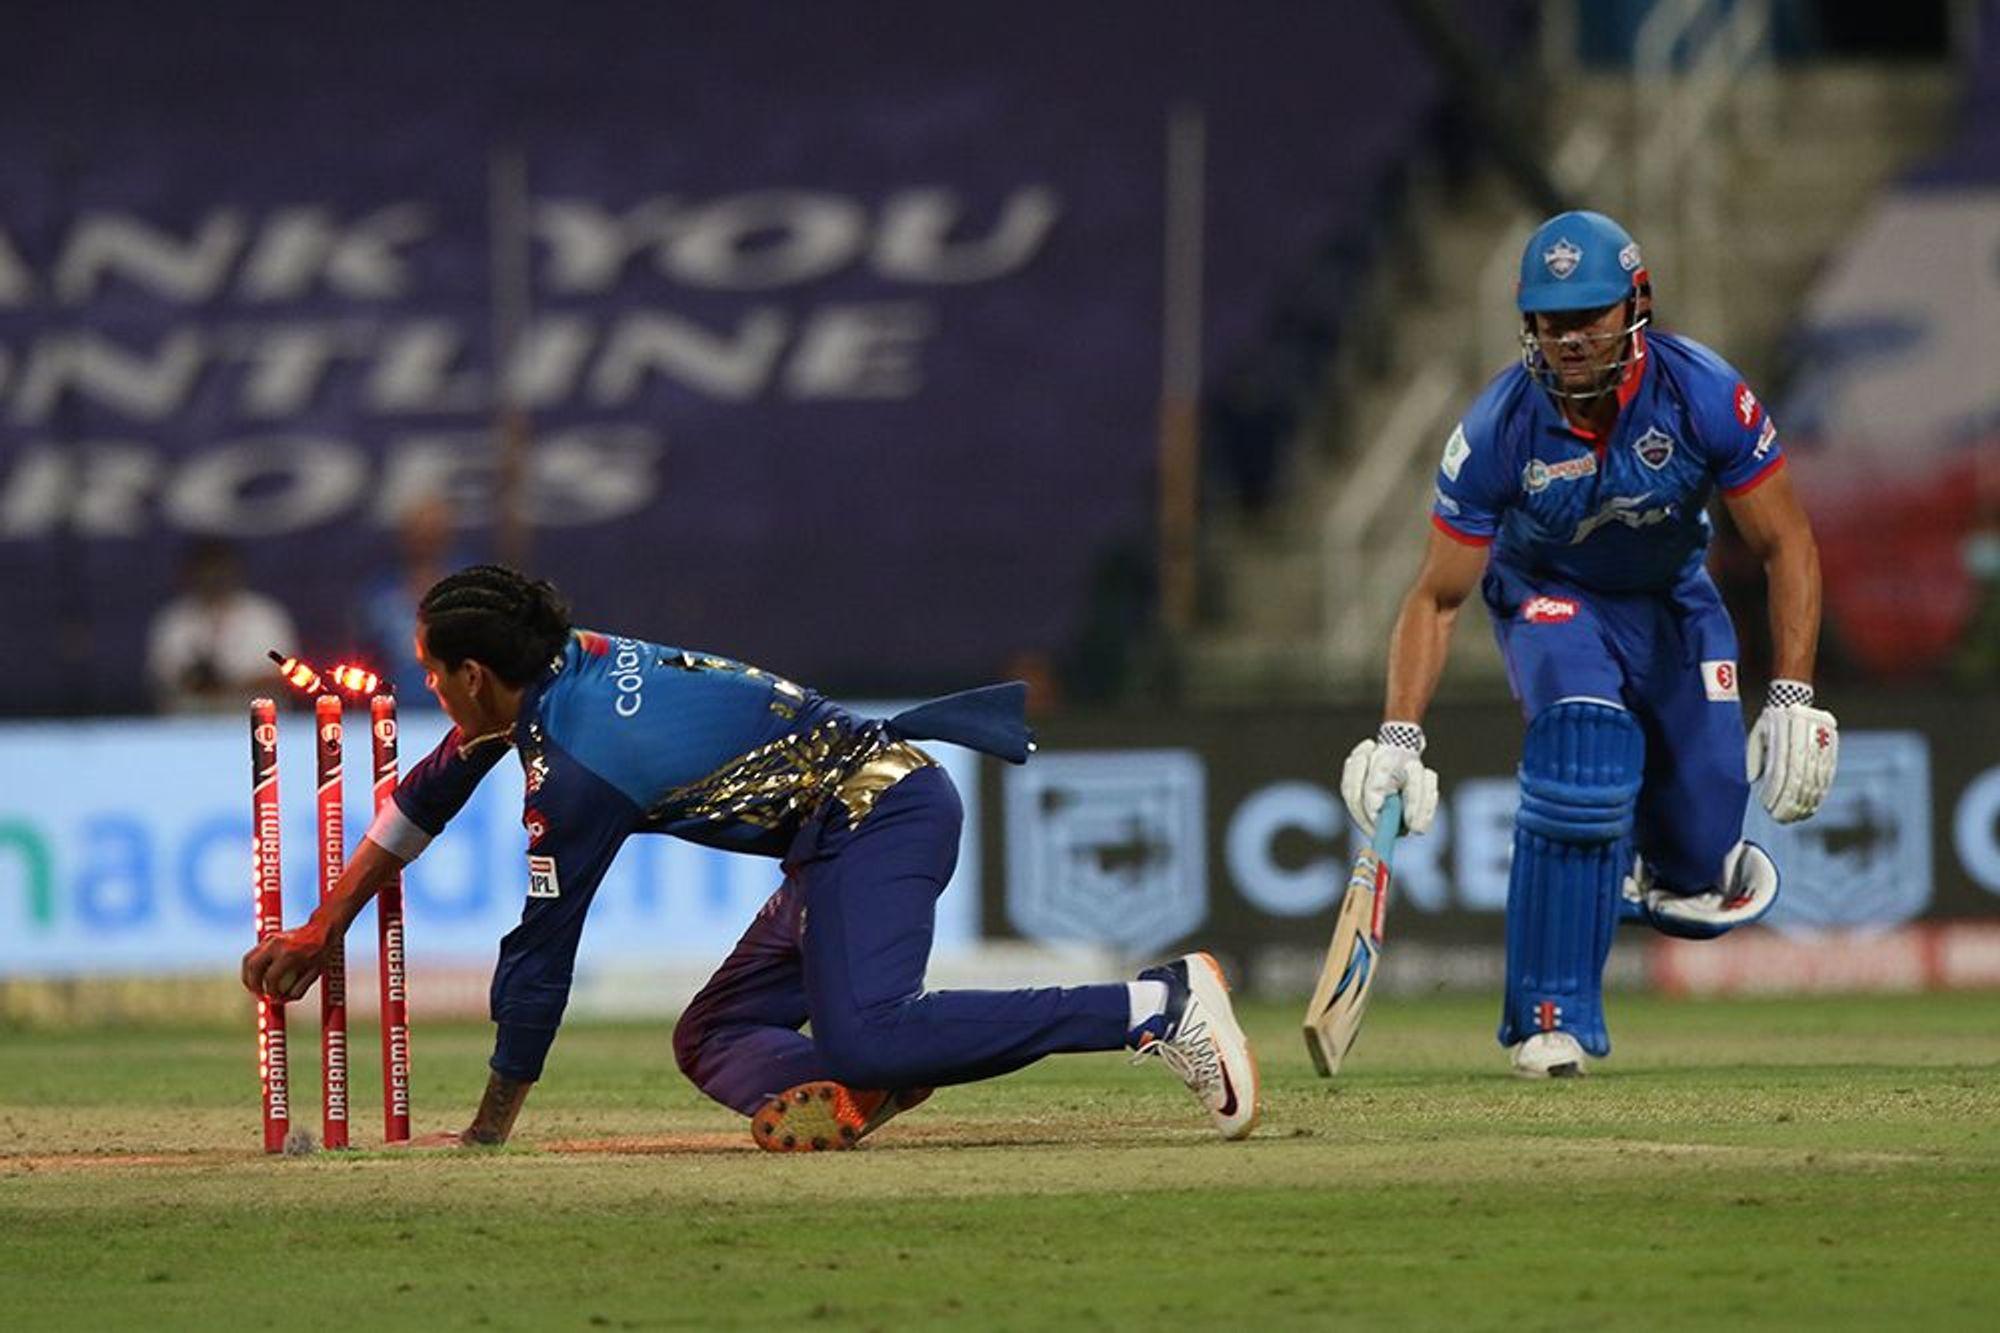 मुंबई इंडियंस के स्पिनर राहुल चाहर ने दिल्ली के बल्लेबाज मार्कस स्टोइनिस को रनआउट किया।